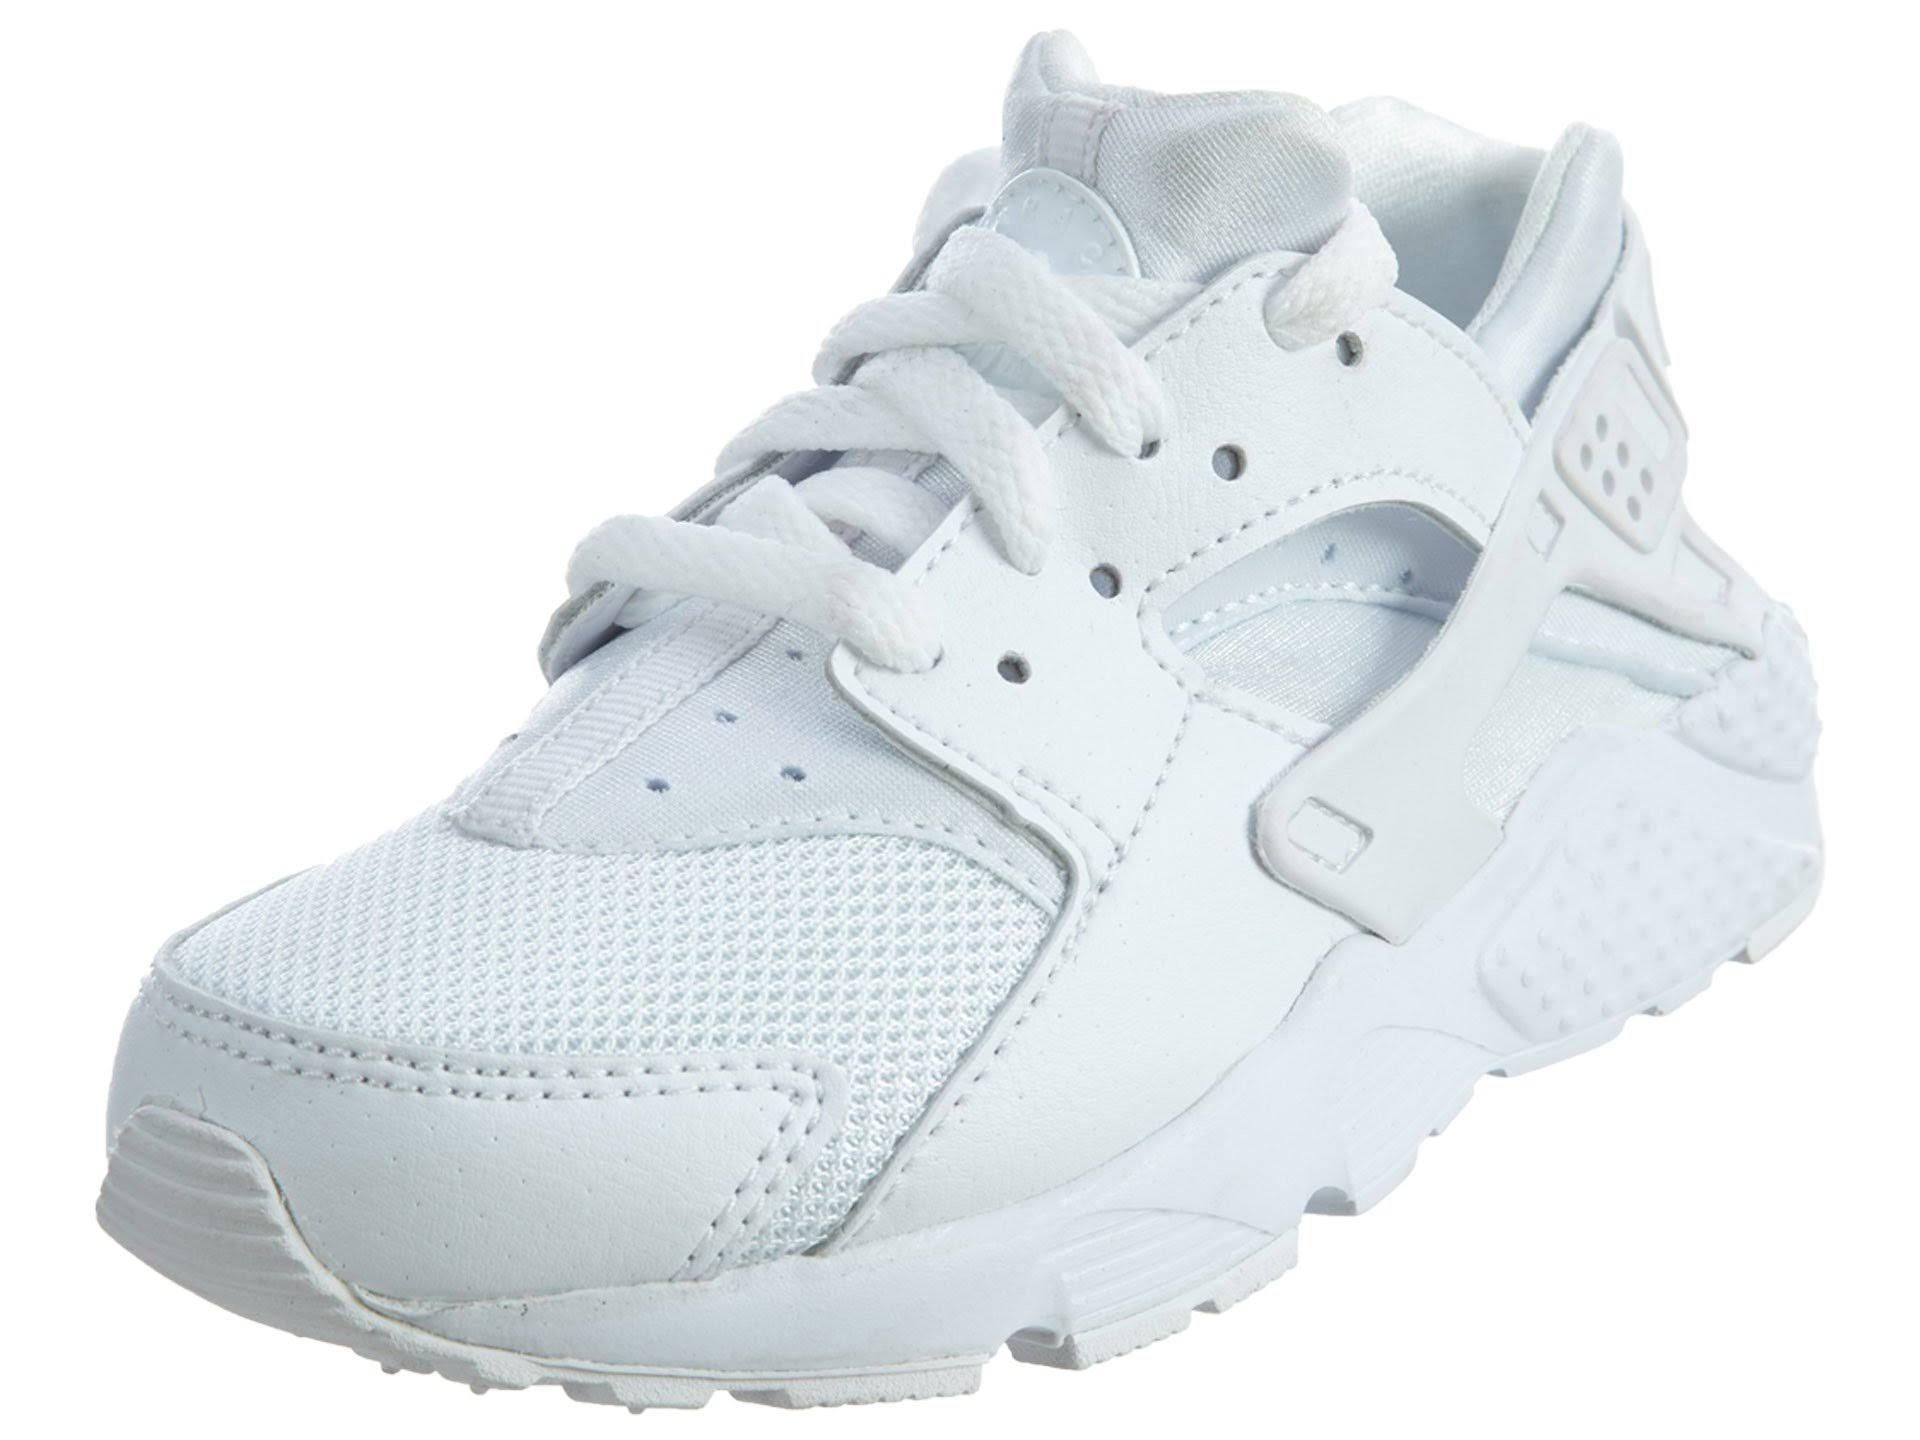 Blanco 1 Run Niños Nike 704949110 Preescolar Calzado Tamaño Para Huarache z5q658